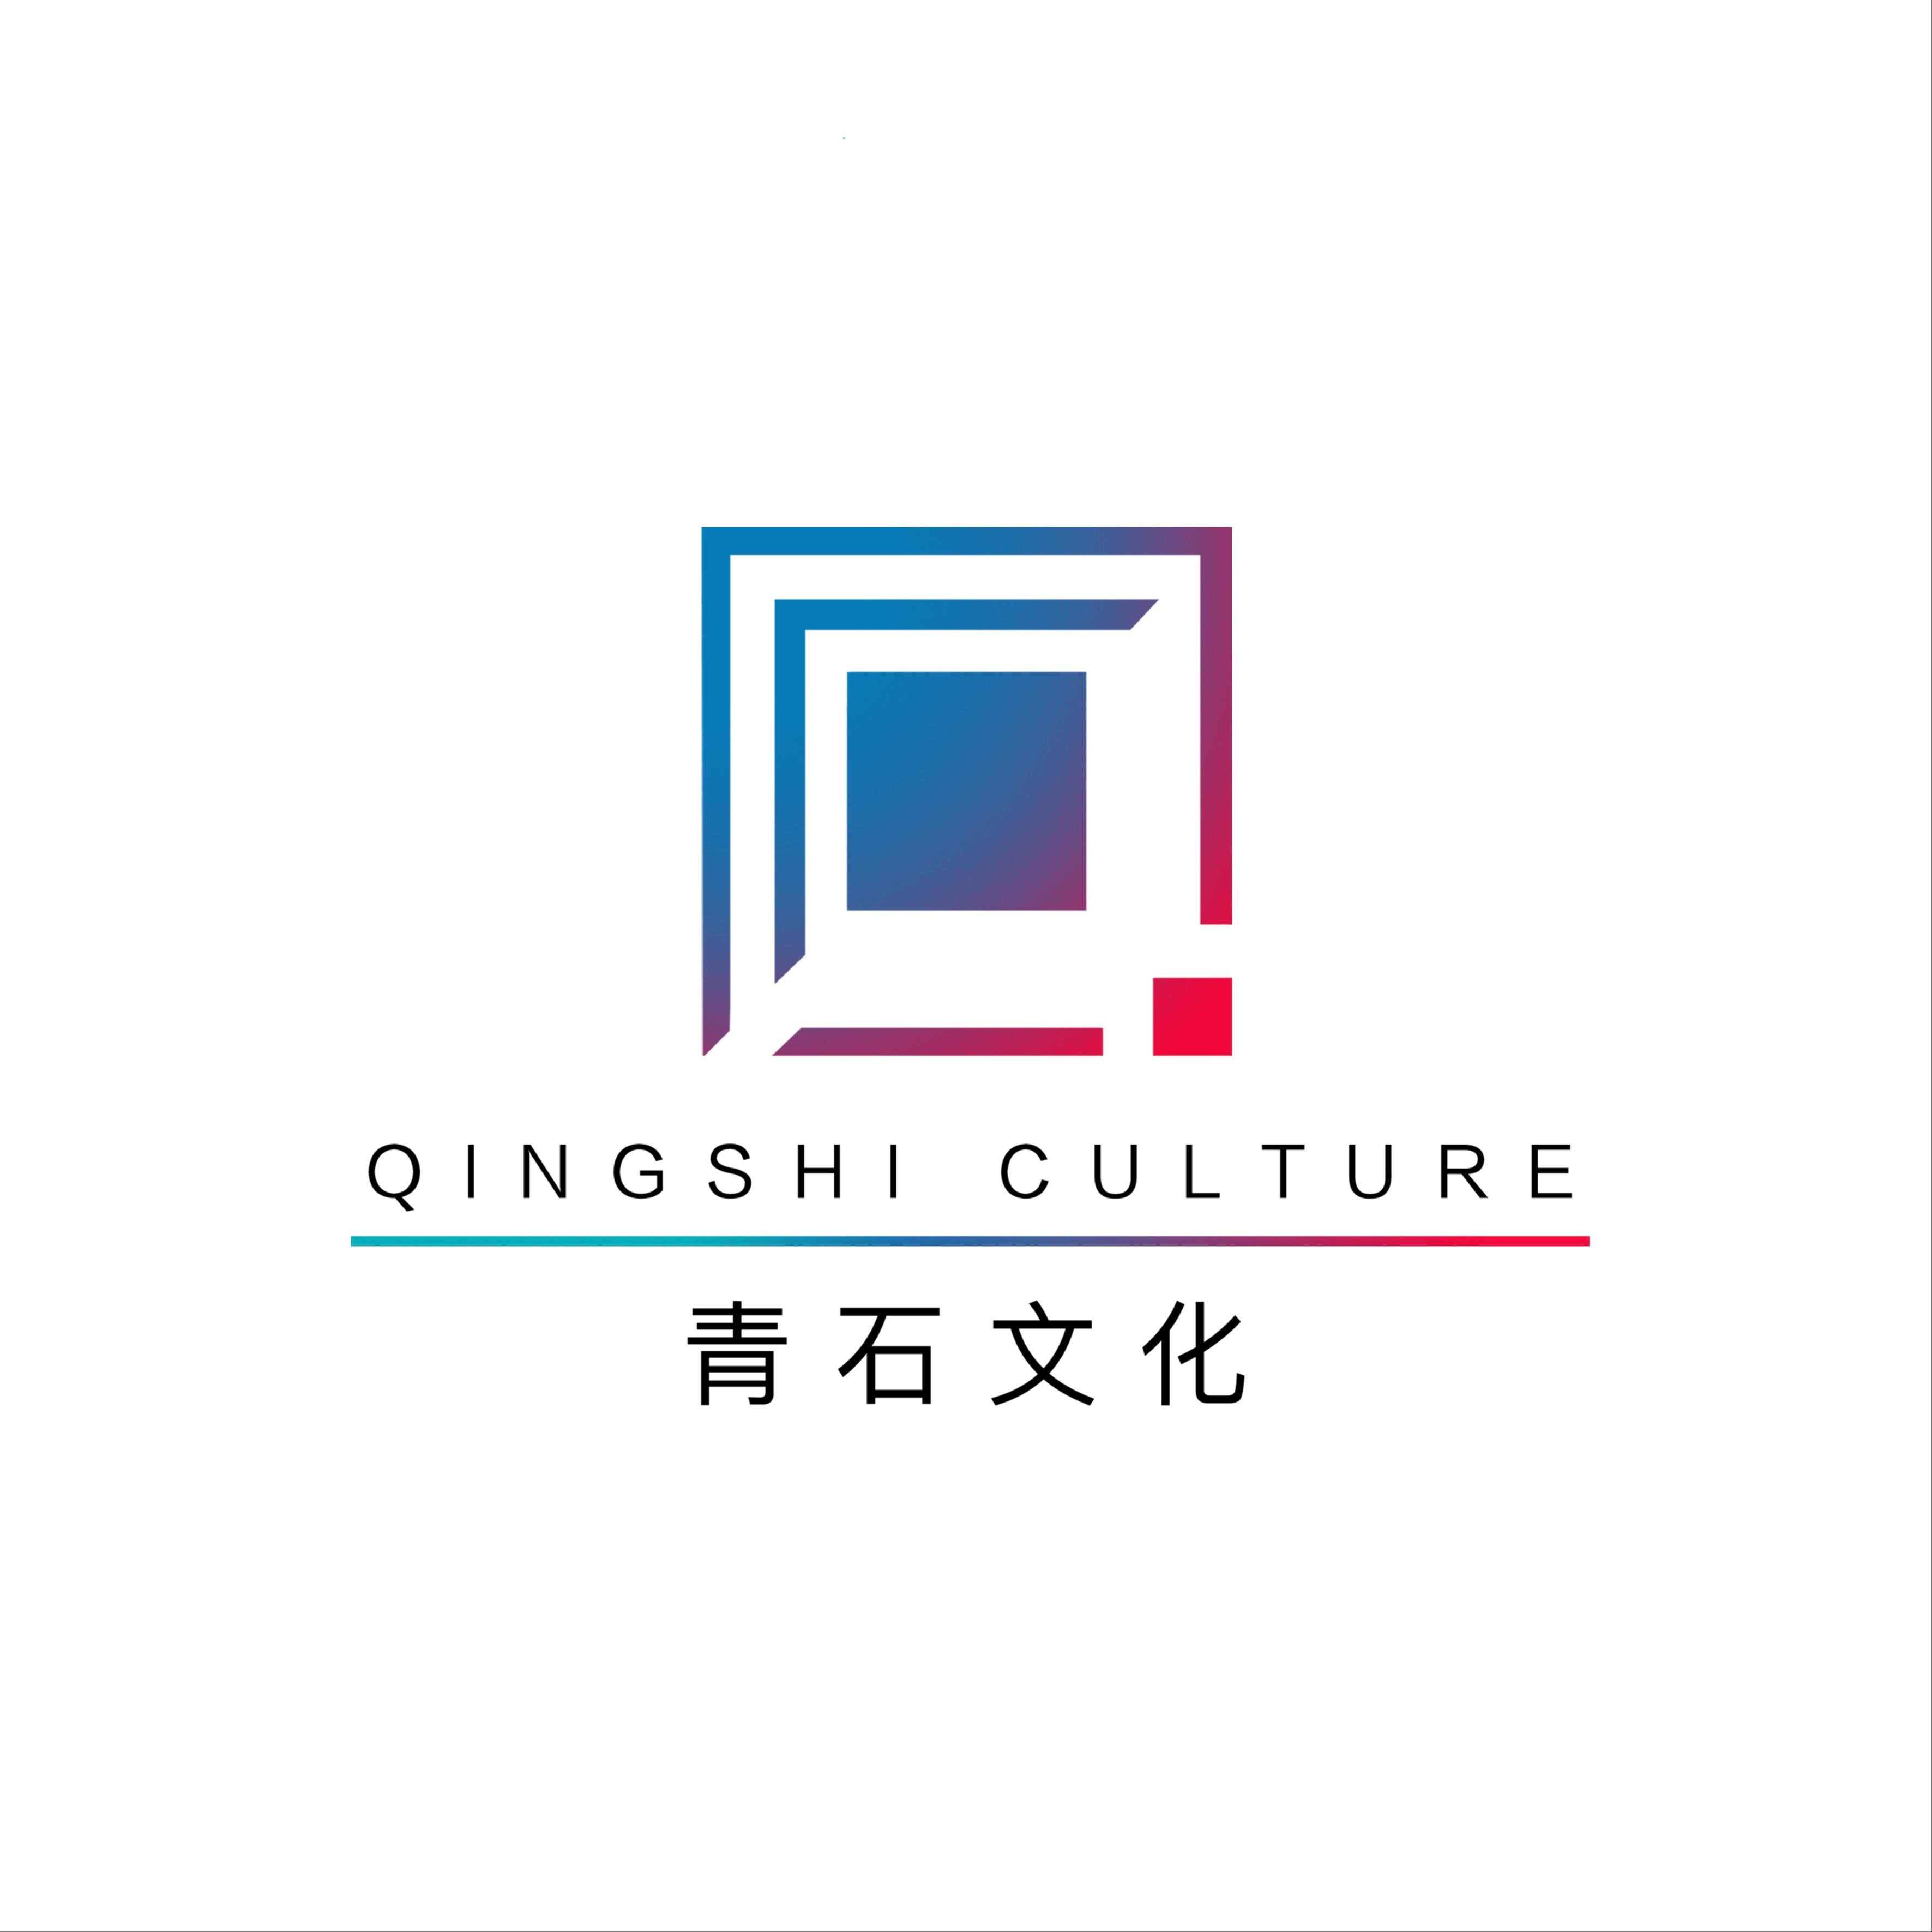 杭州青石文化传媒有限公司